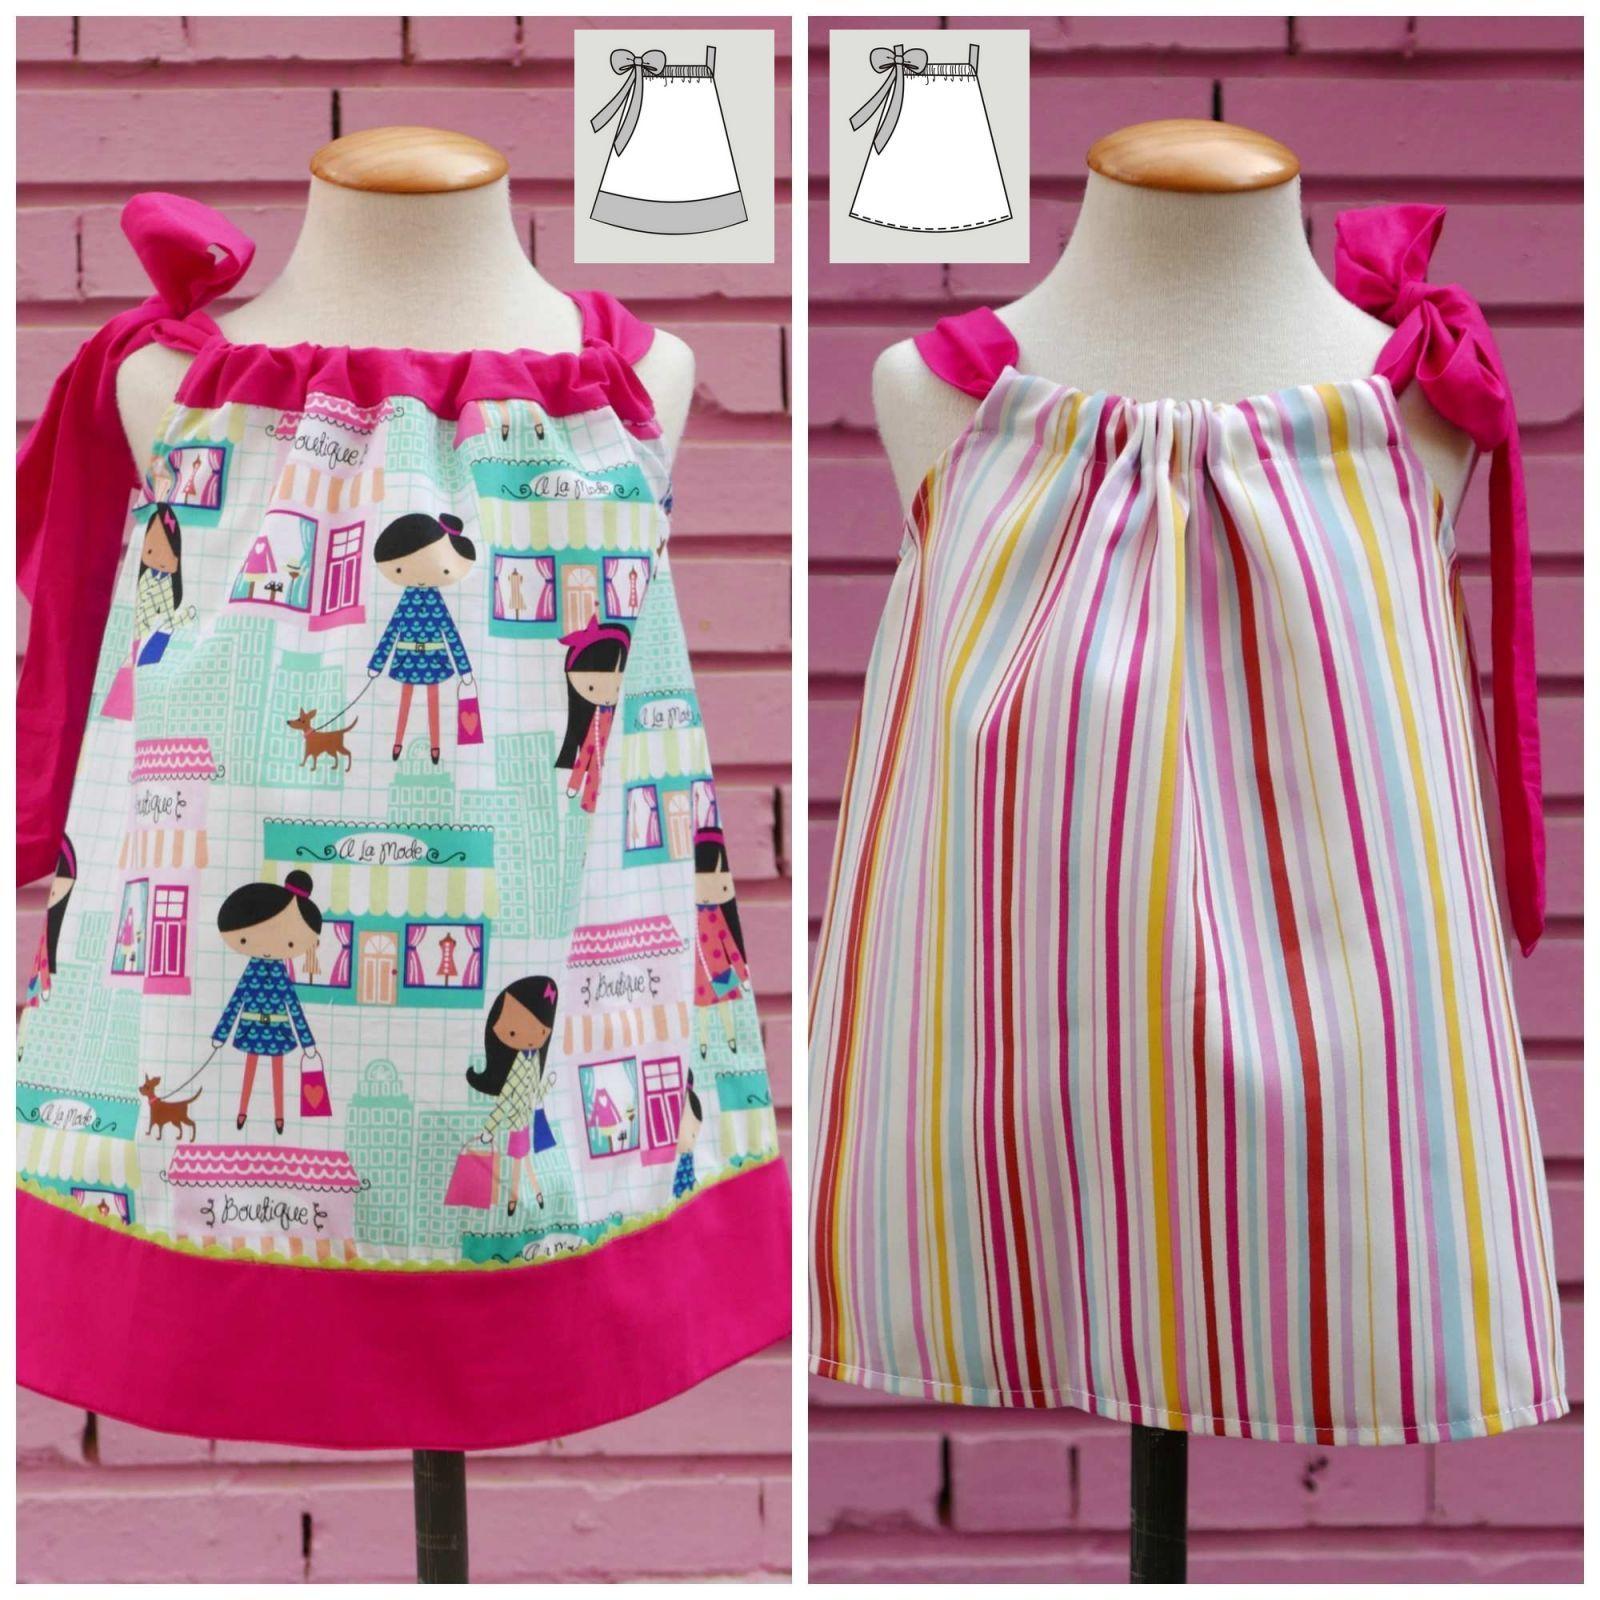 Comprar Vestido Niña Pillowcase en Coloursforbaby.com